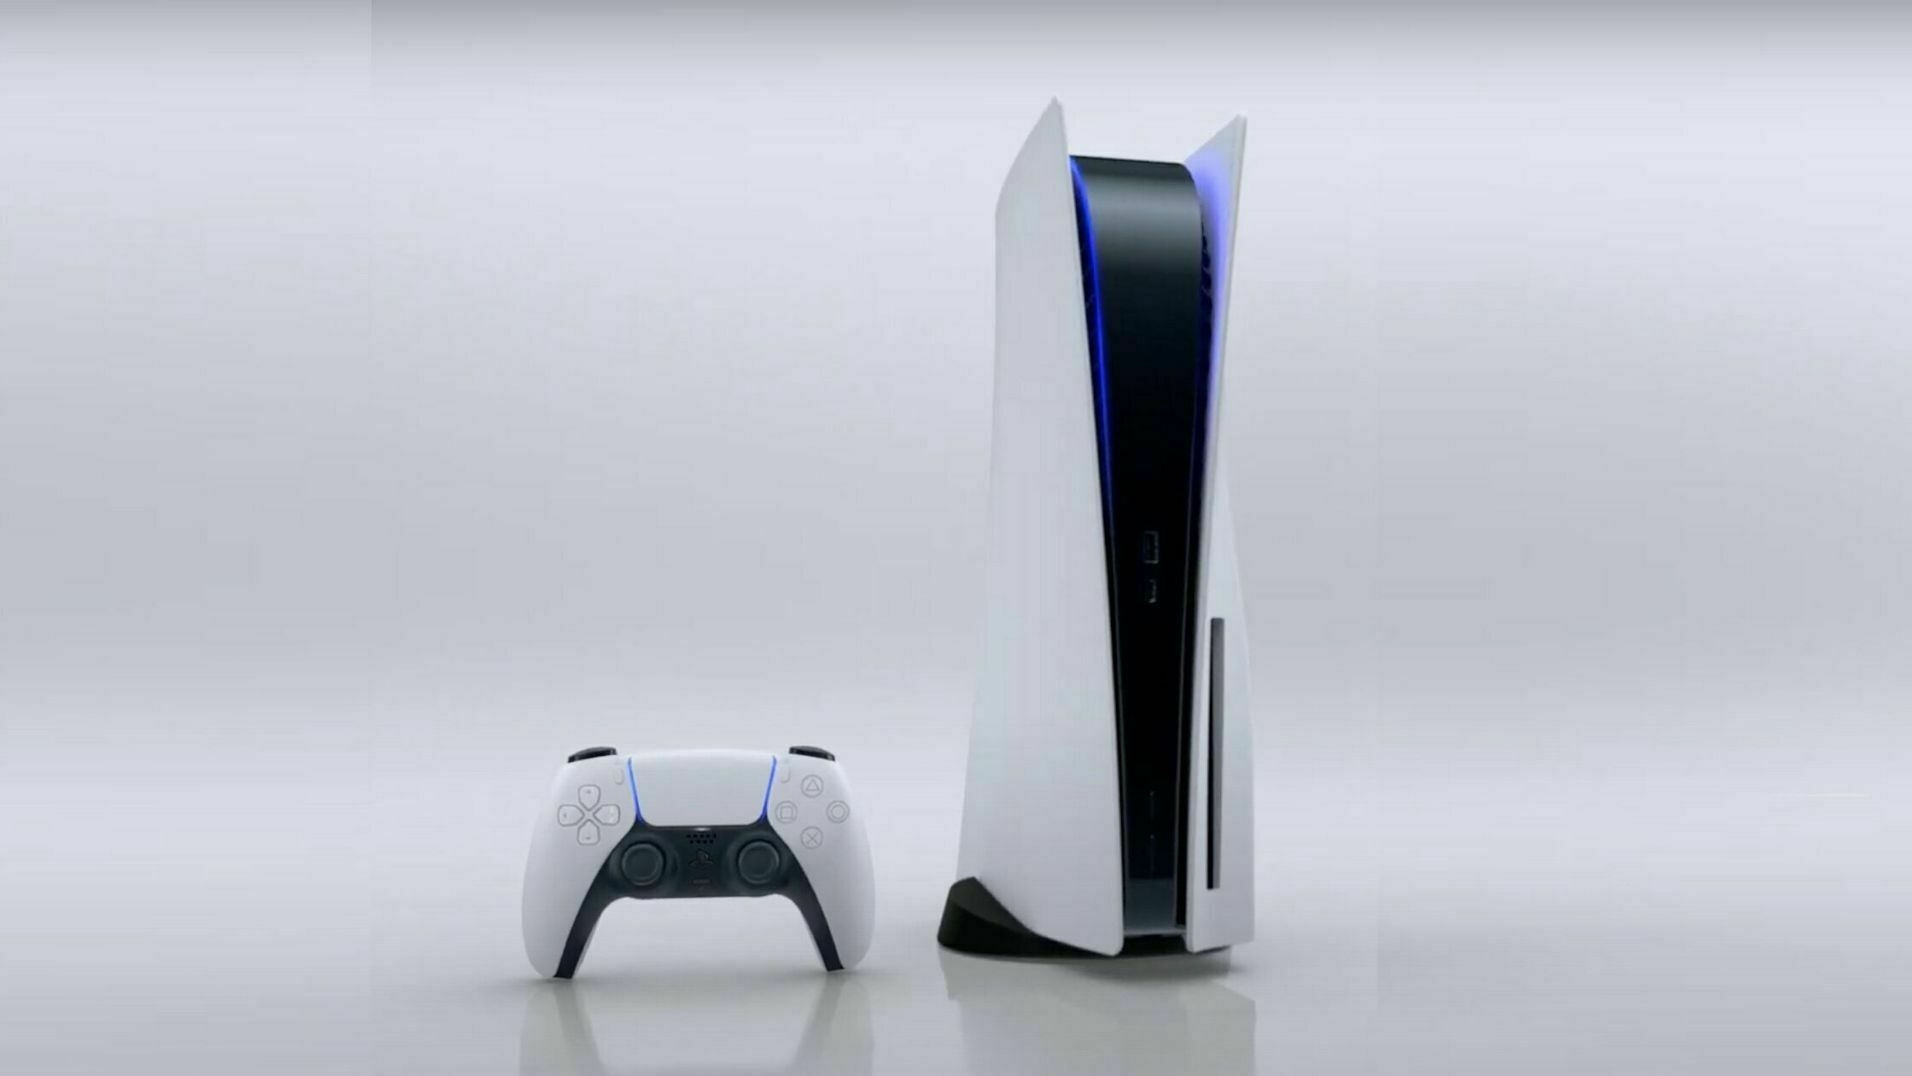 PlayStation 5: Bestilling, levering, forsinkelse og fortvilelse - Frakt og lagerstatus